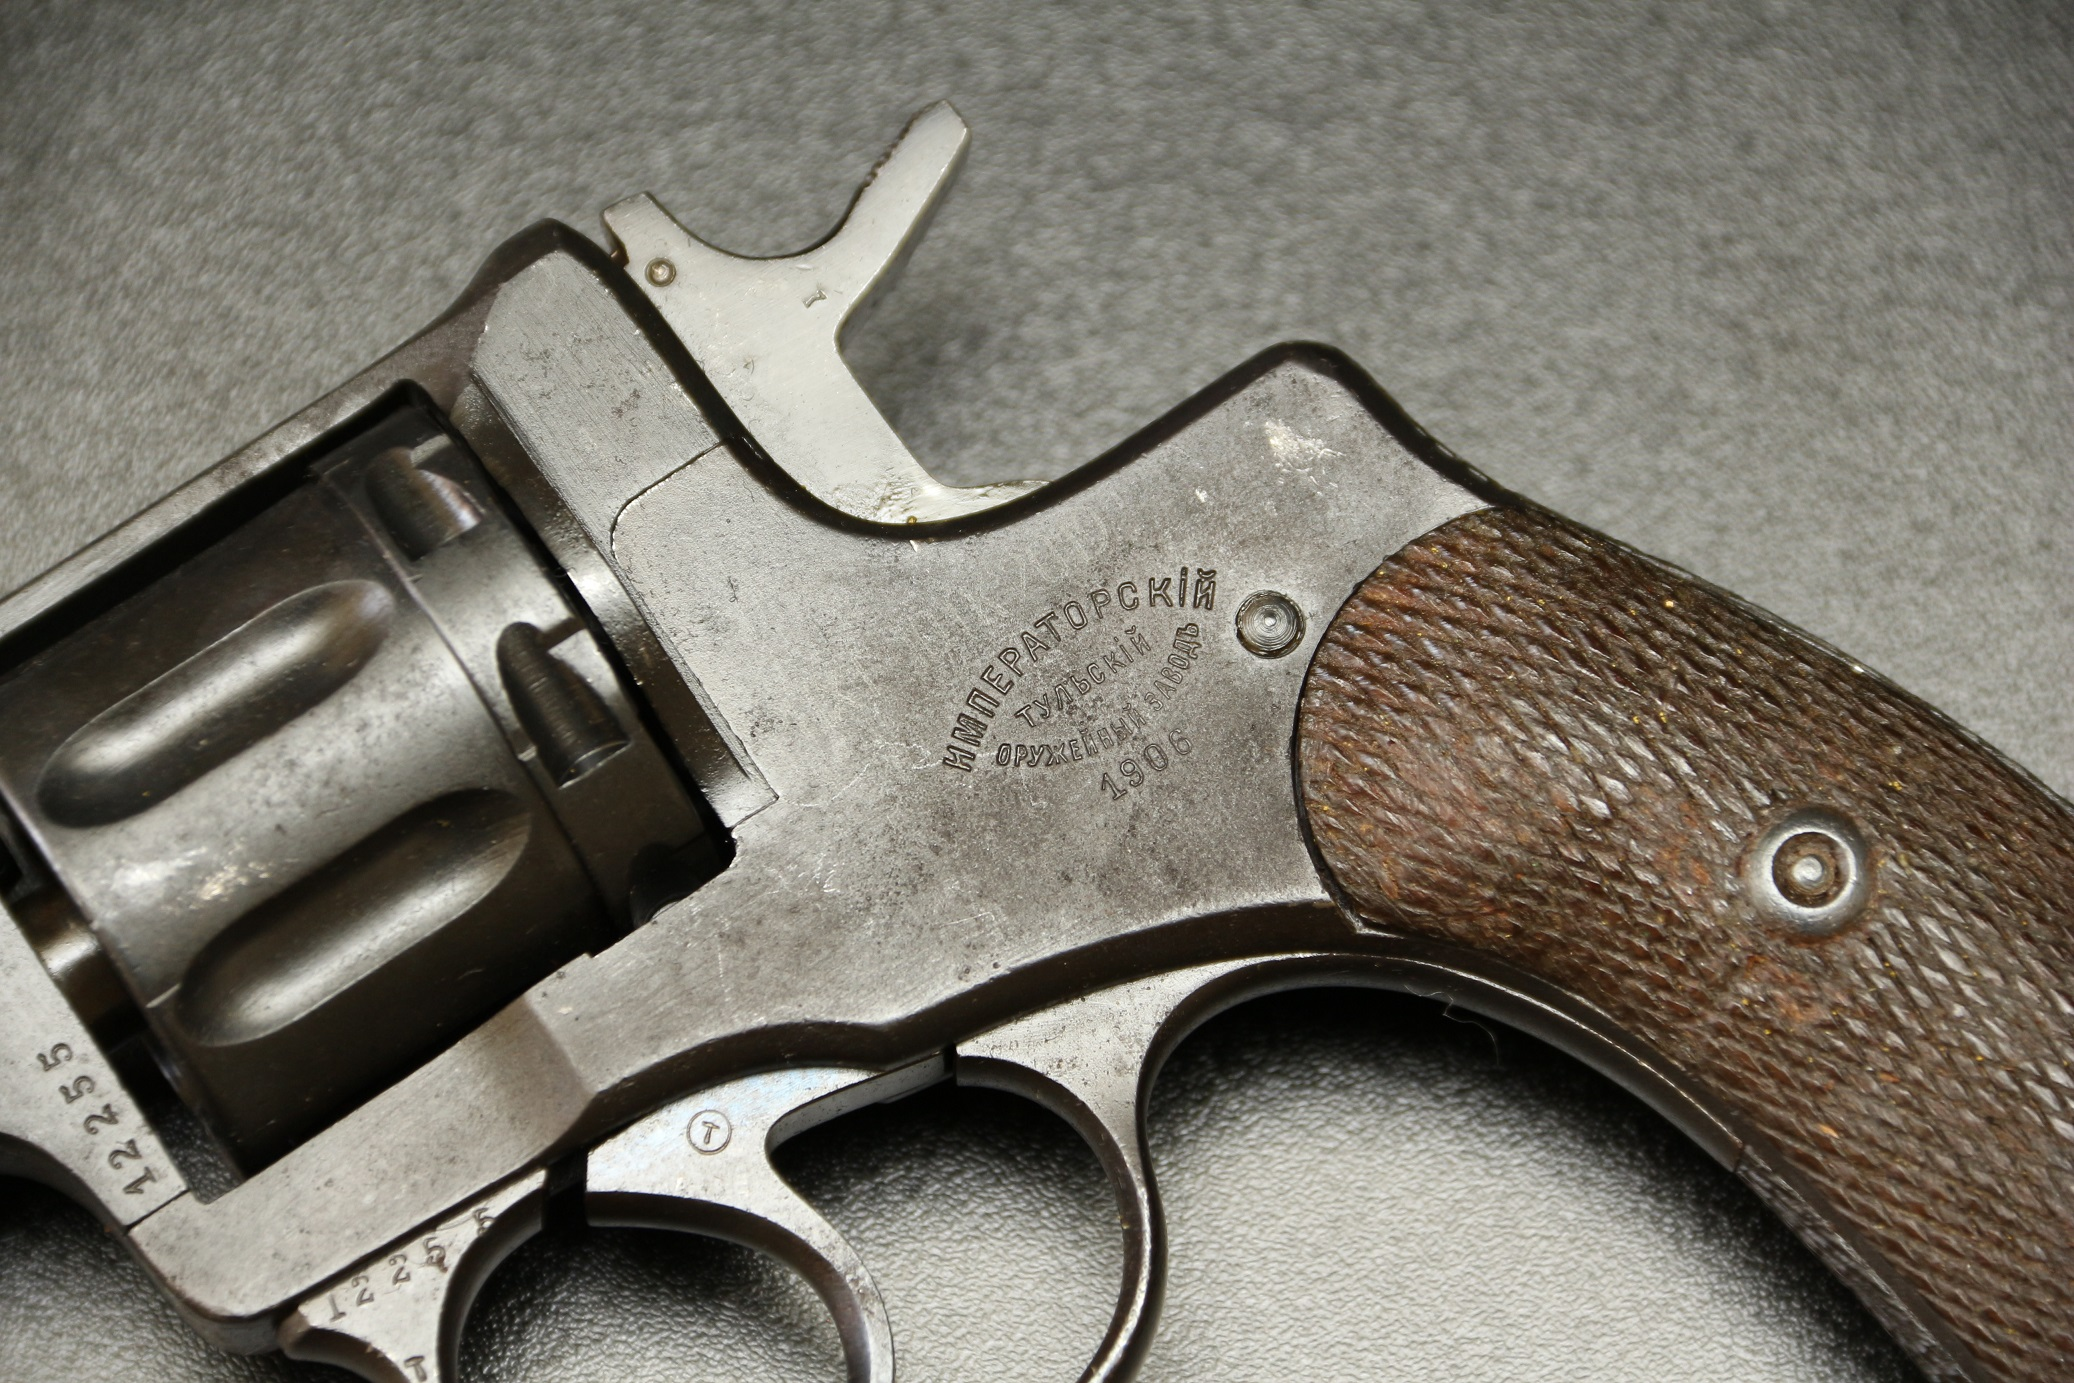 Охолощенный револьвер Наган 1906 года №12255, царский